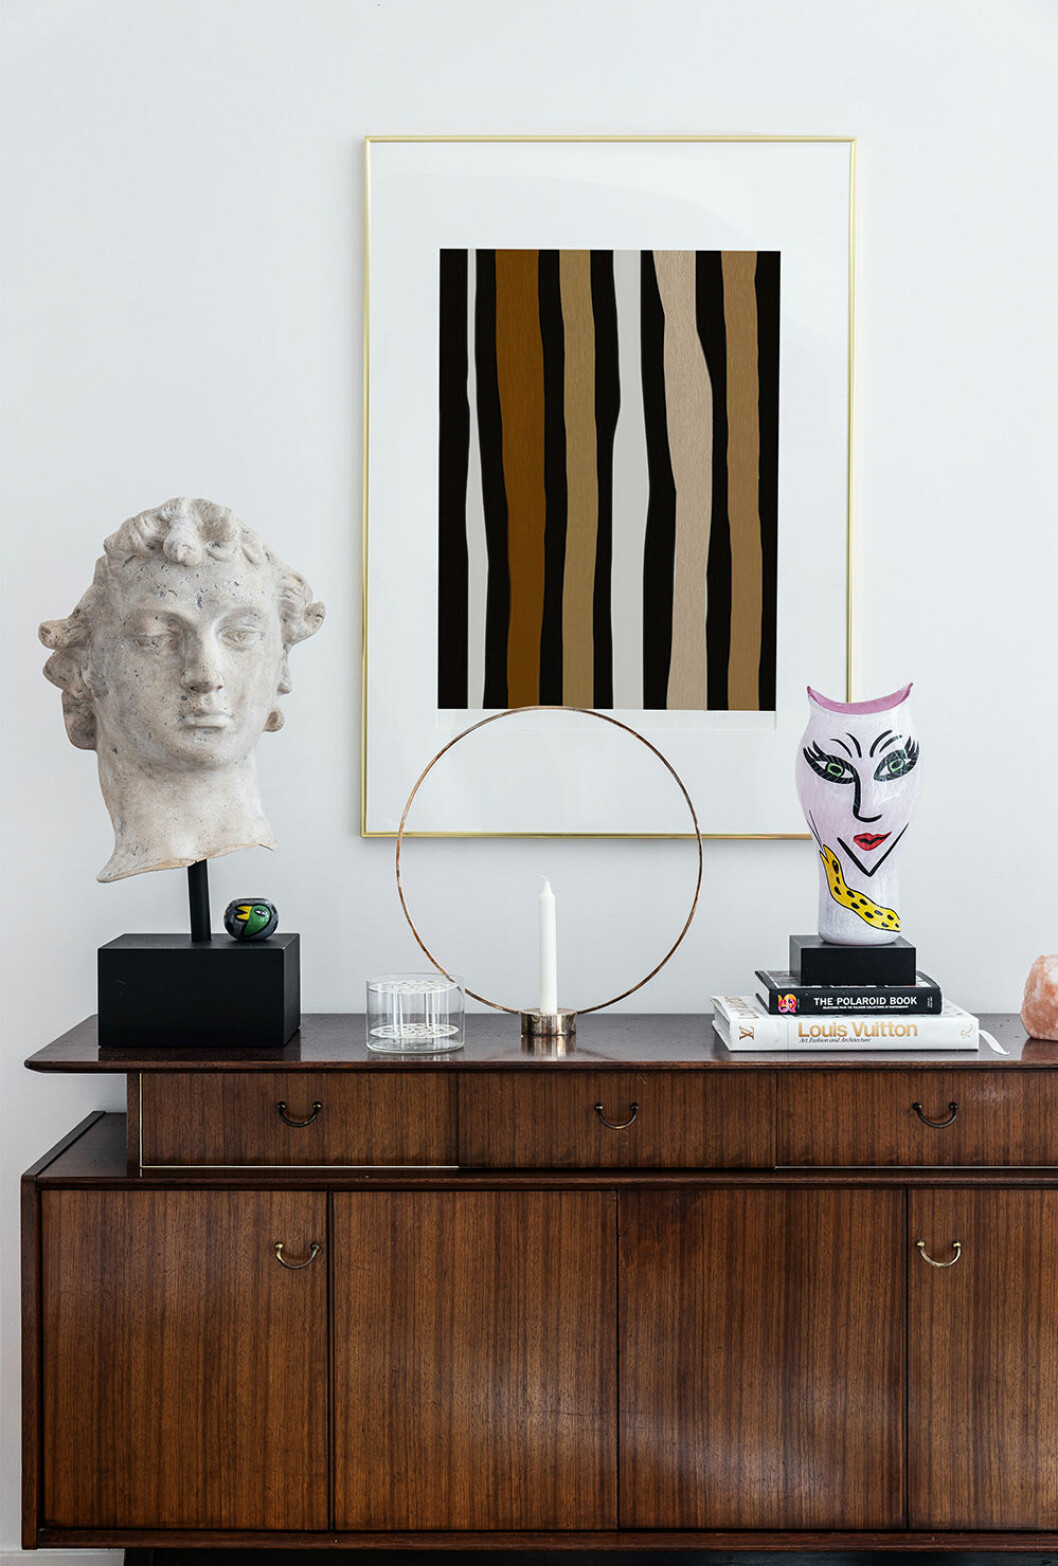 Konstnärligt och vackert komponerat stilleben hemma hos Henrietta Fromholtz